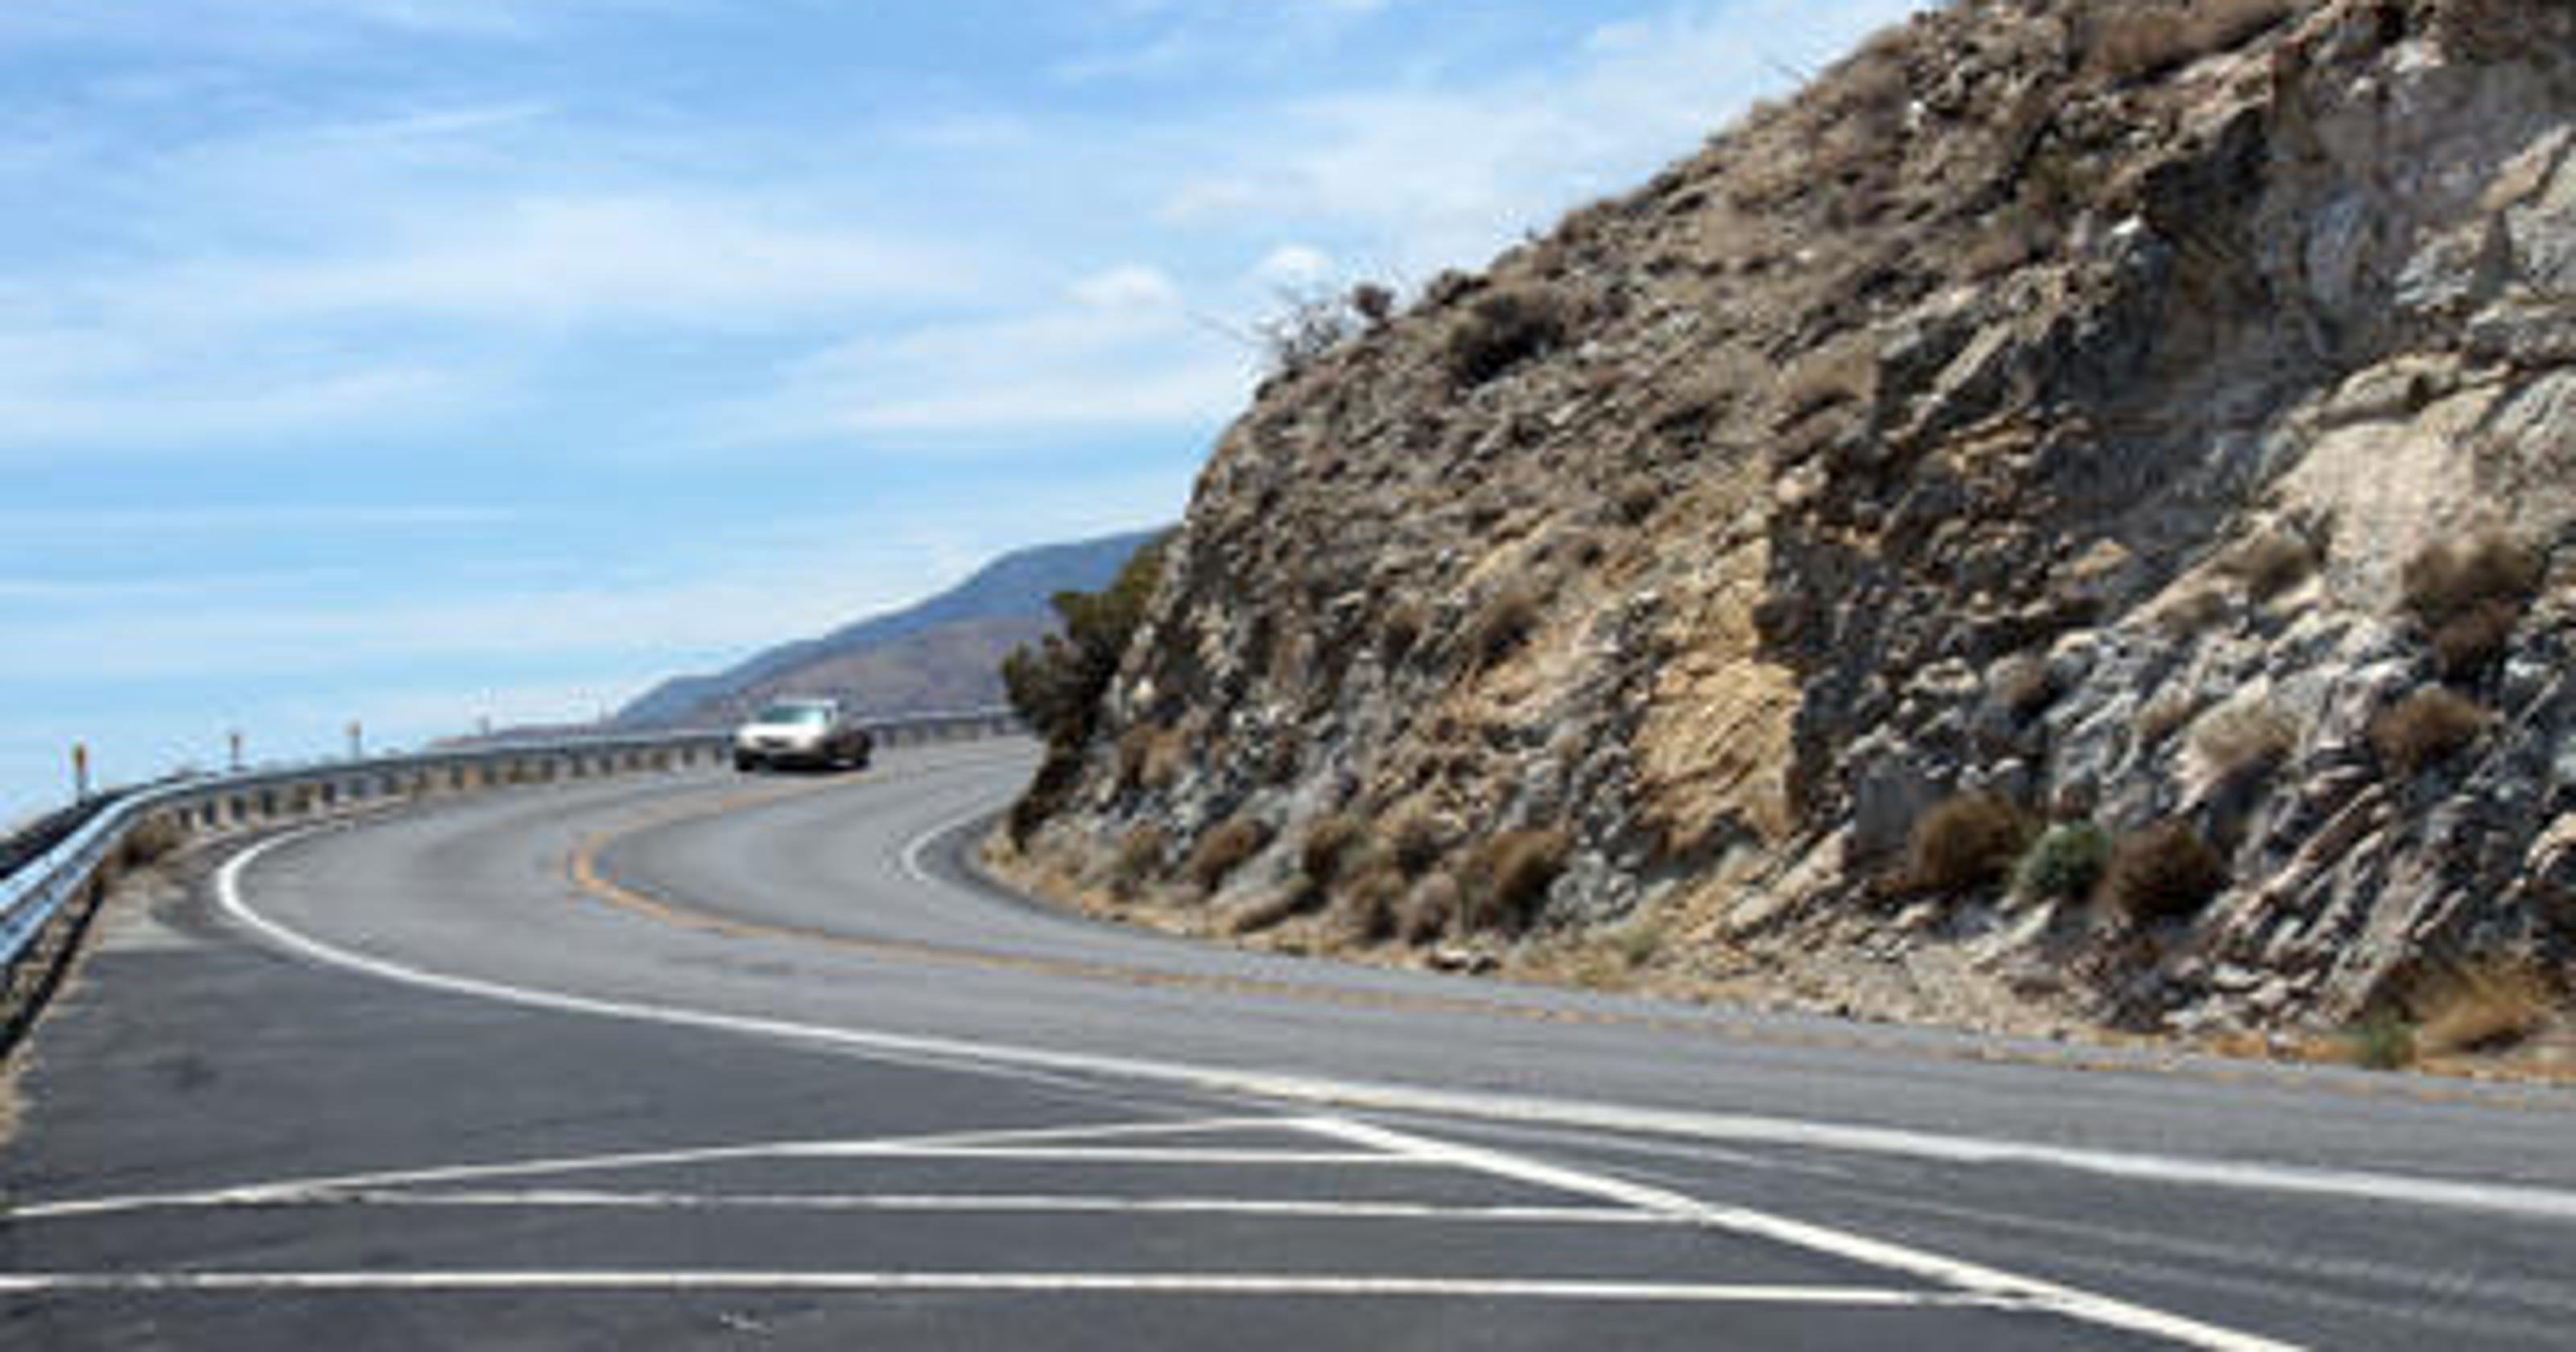 Effort could improve safety on Highways 74, 243